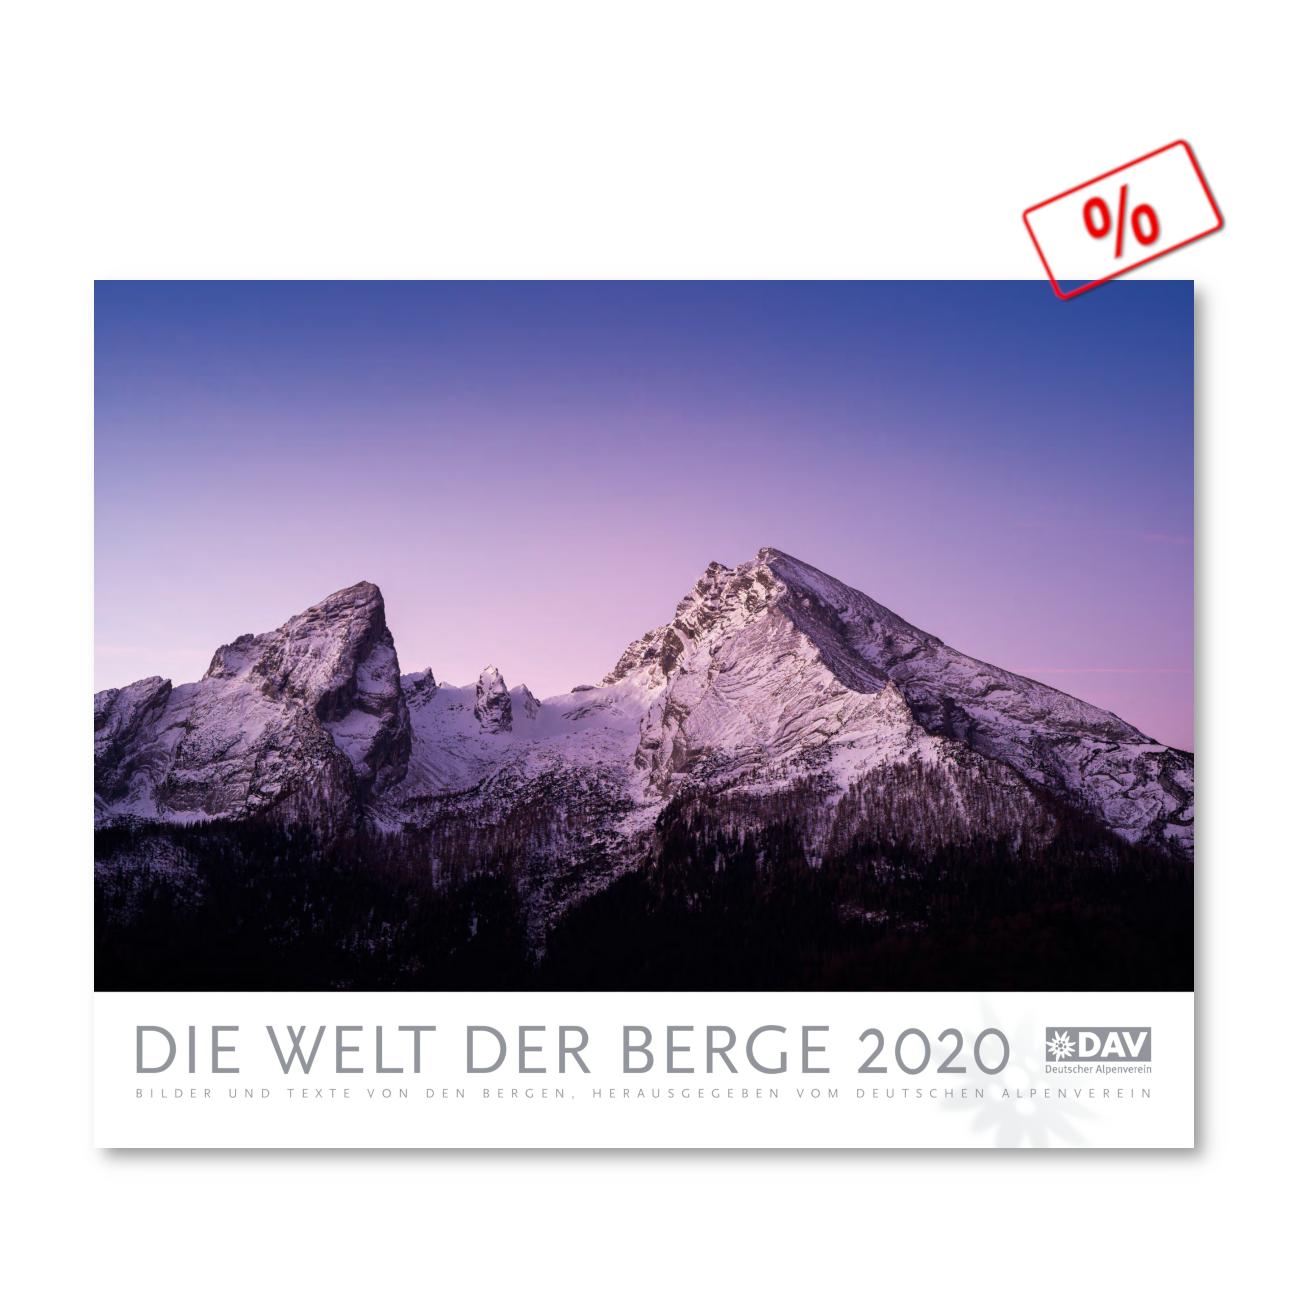 DAV Die Welt der Berge 2020 Kalender